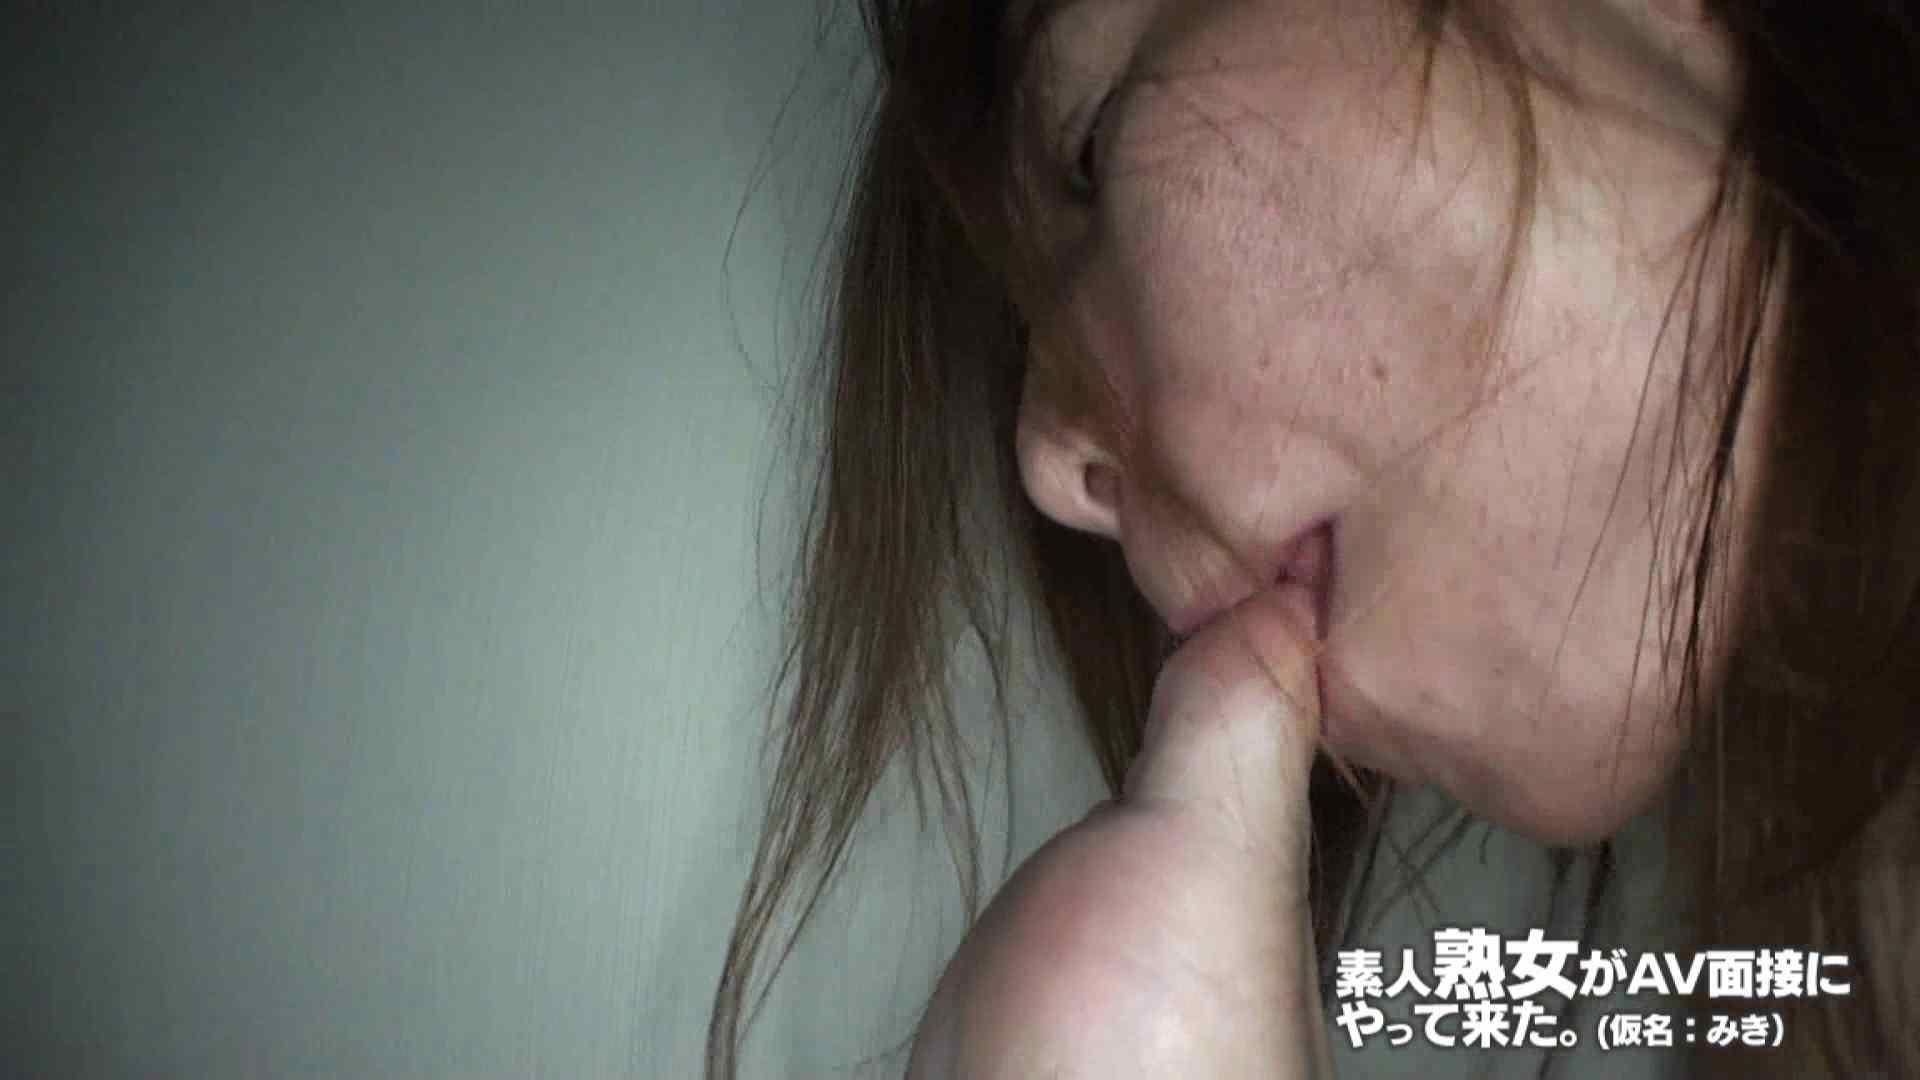 素人熟女がAV面接にやってきた (熟女)みきさんVOL.04(前編) 素人流出 | セックス  82PIX 71